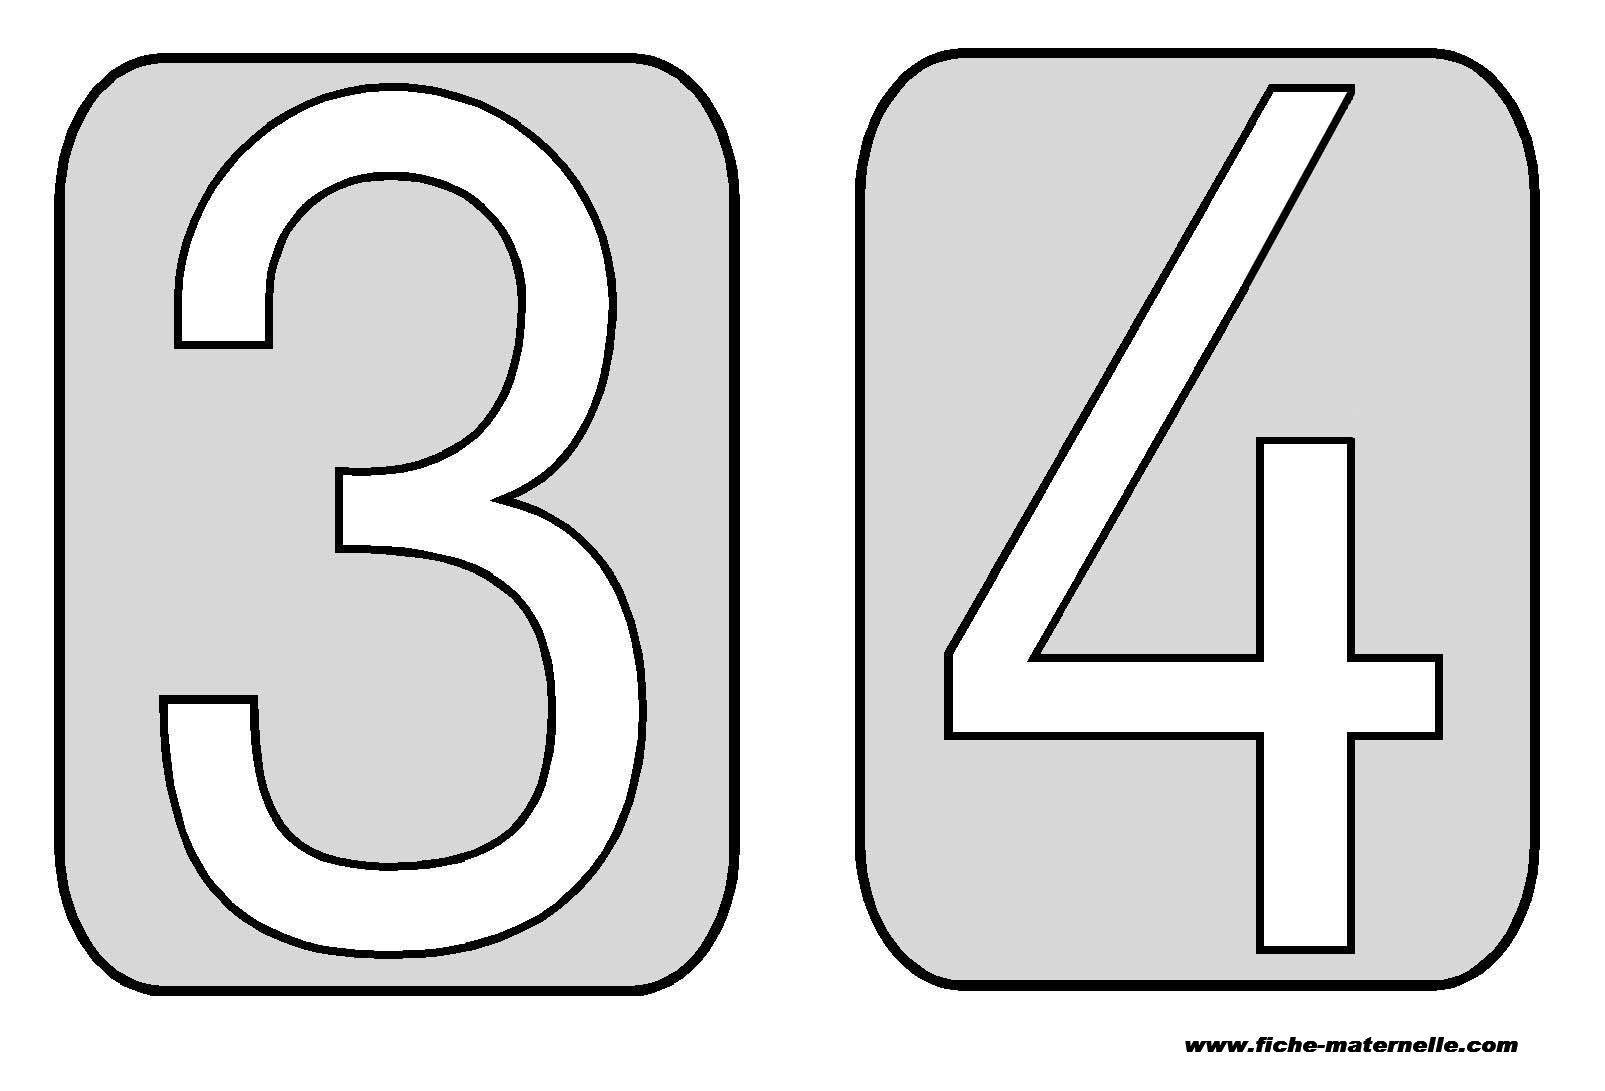 Chiffre-3-4 (1605×1091) | Apprendre À Écrire Les avec Apprendre A Ecrire Les Chiffres